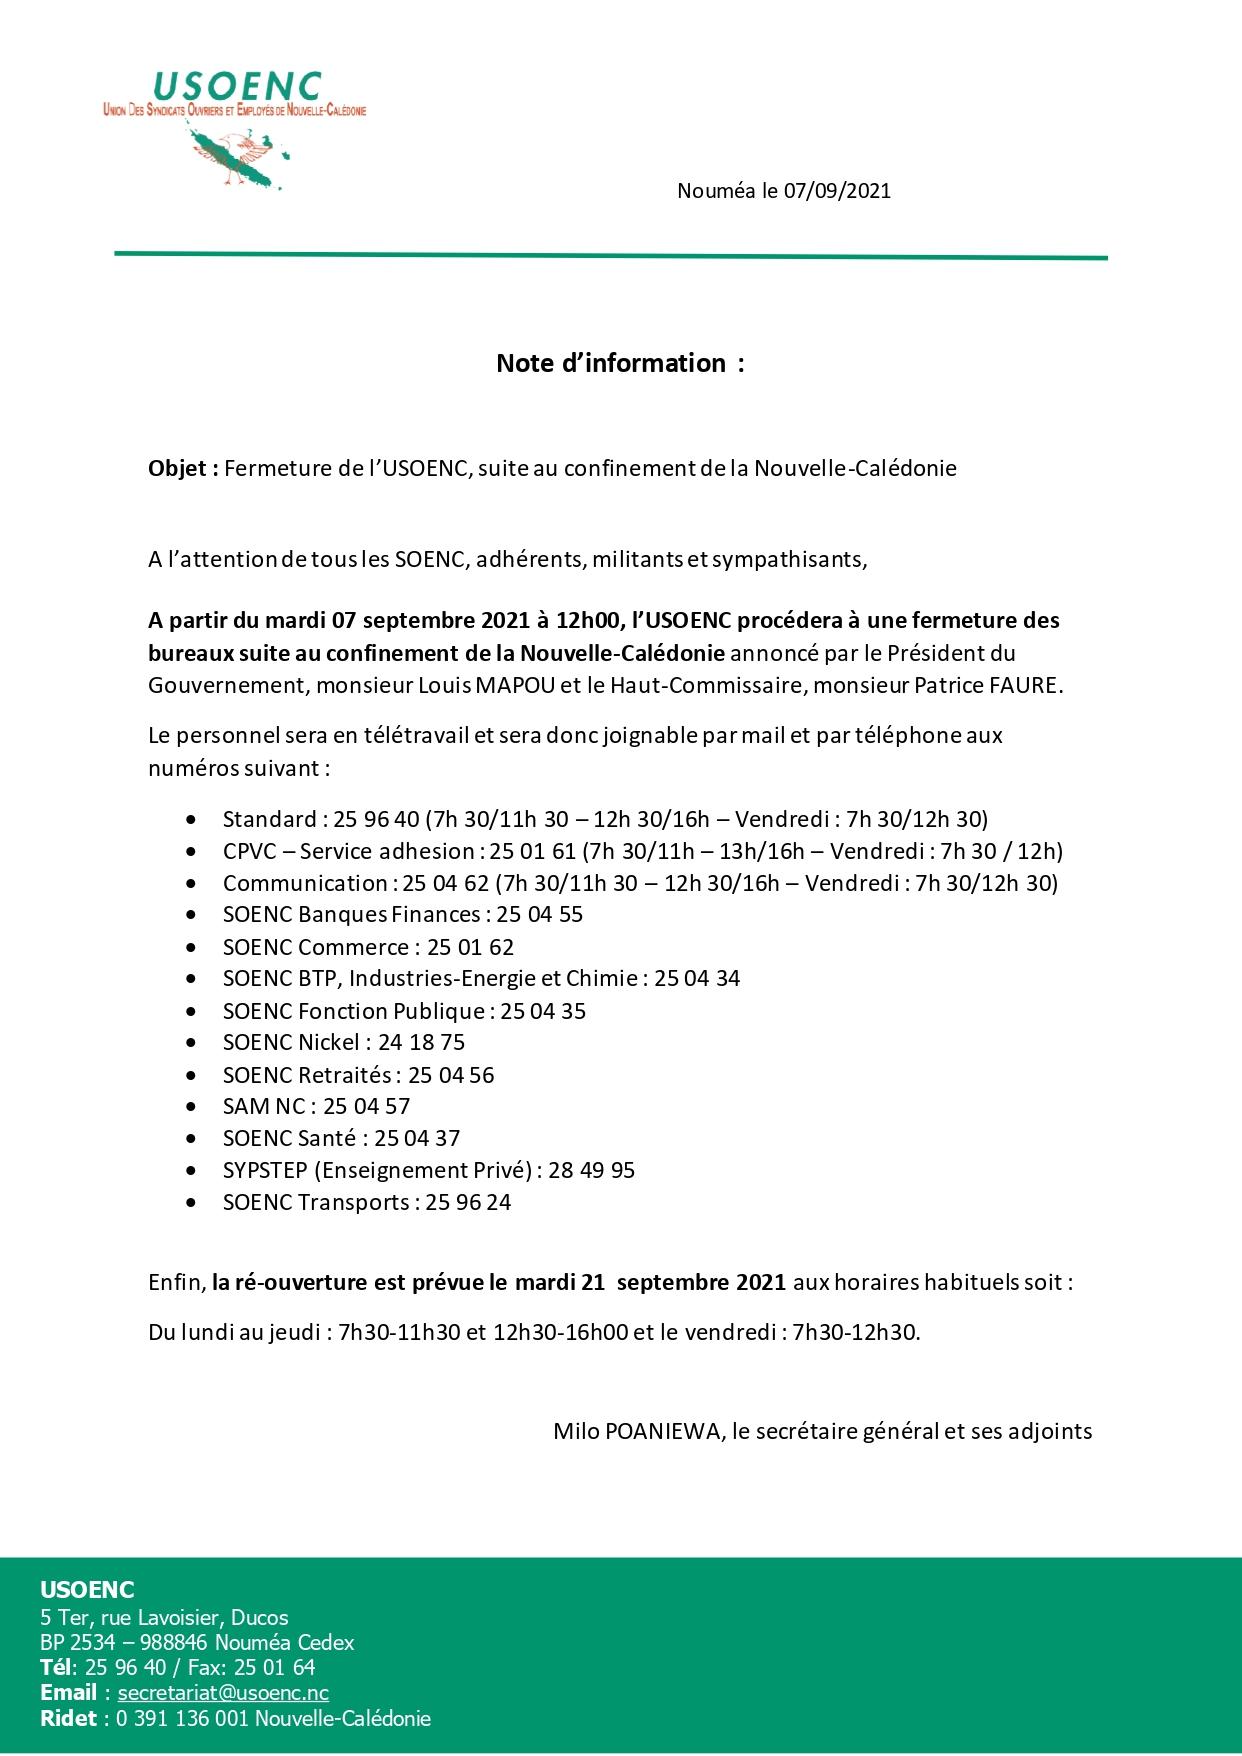 Fermeture de l'USOENC ce mardi 07 septembre dès 12h00 suite au confinement de la Nouvelle-Calédonie